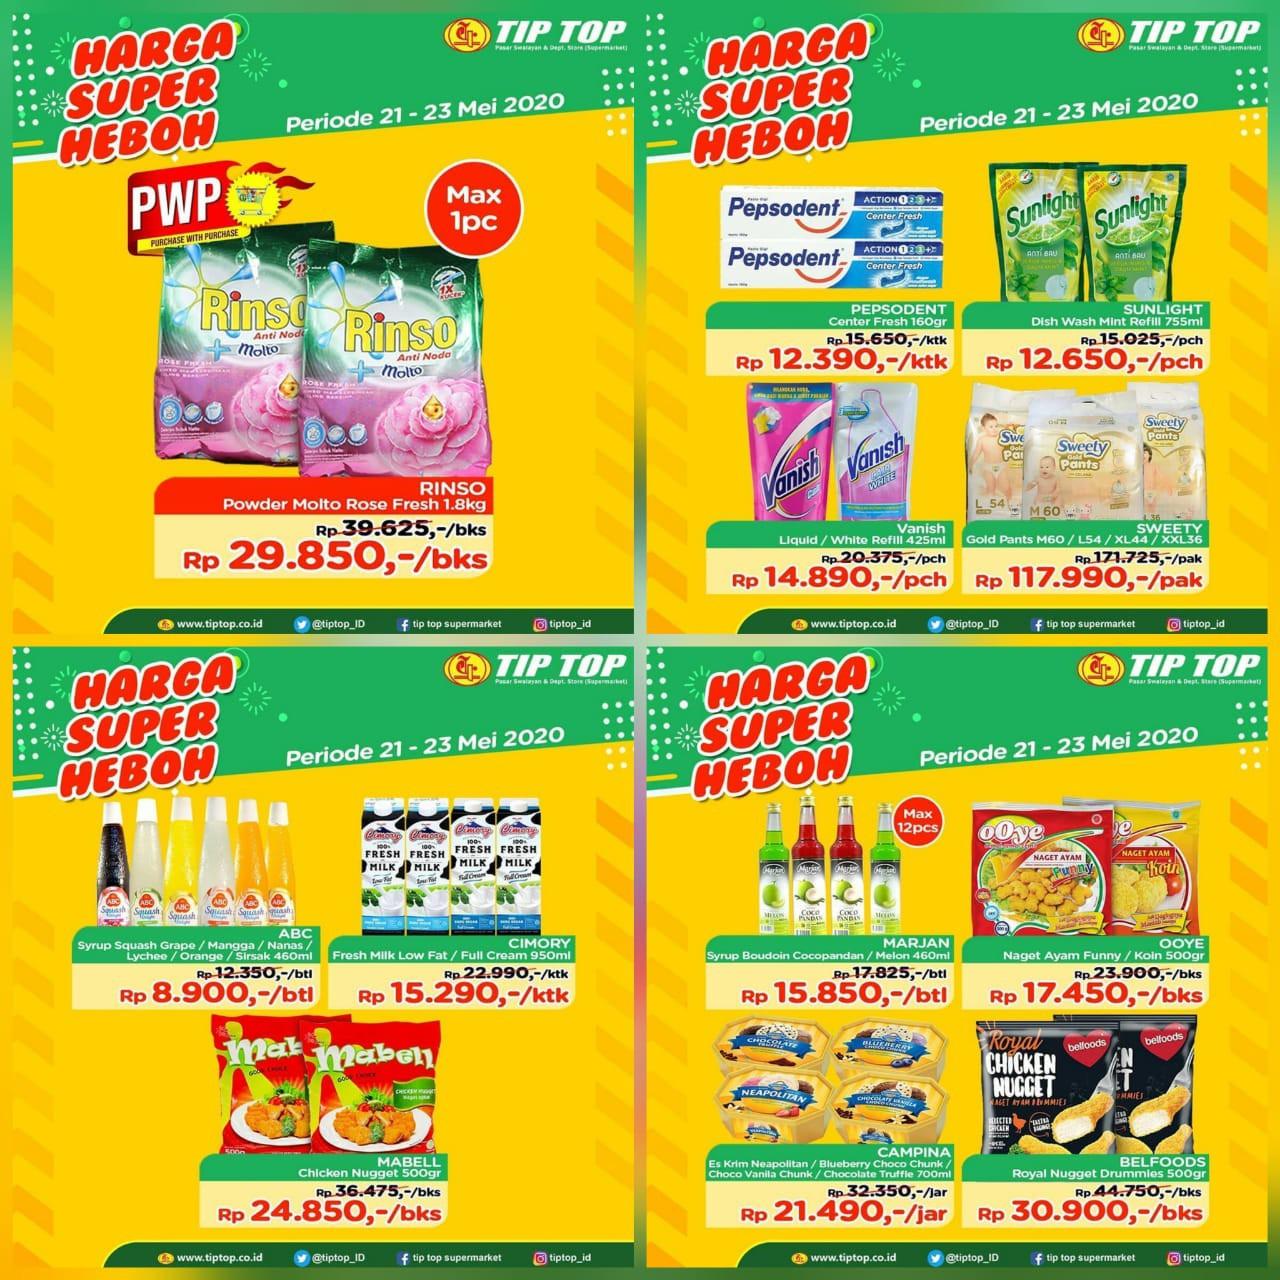 Katalog Promo JSM Tip Top Swalayan Periode 21-23 Mei 2020